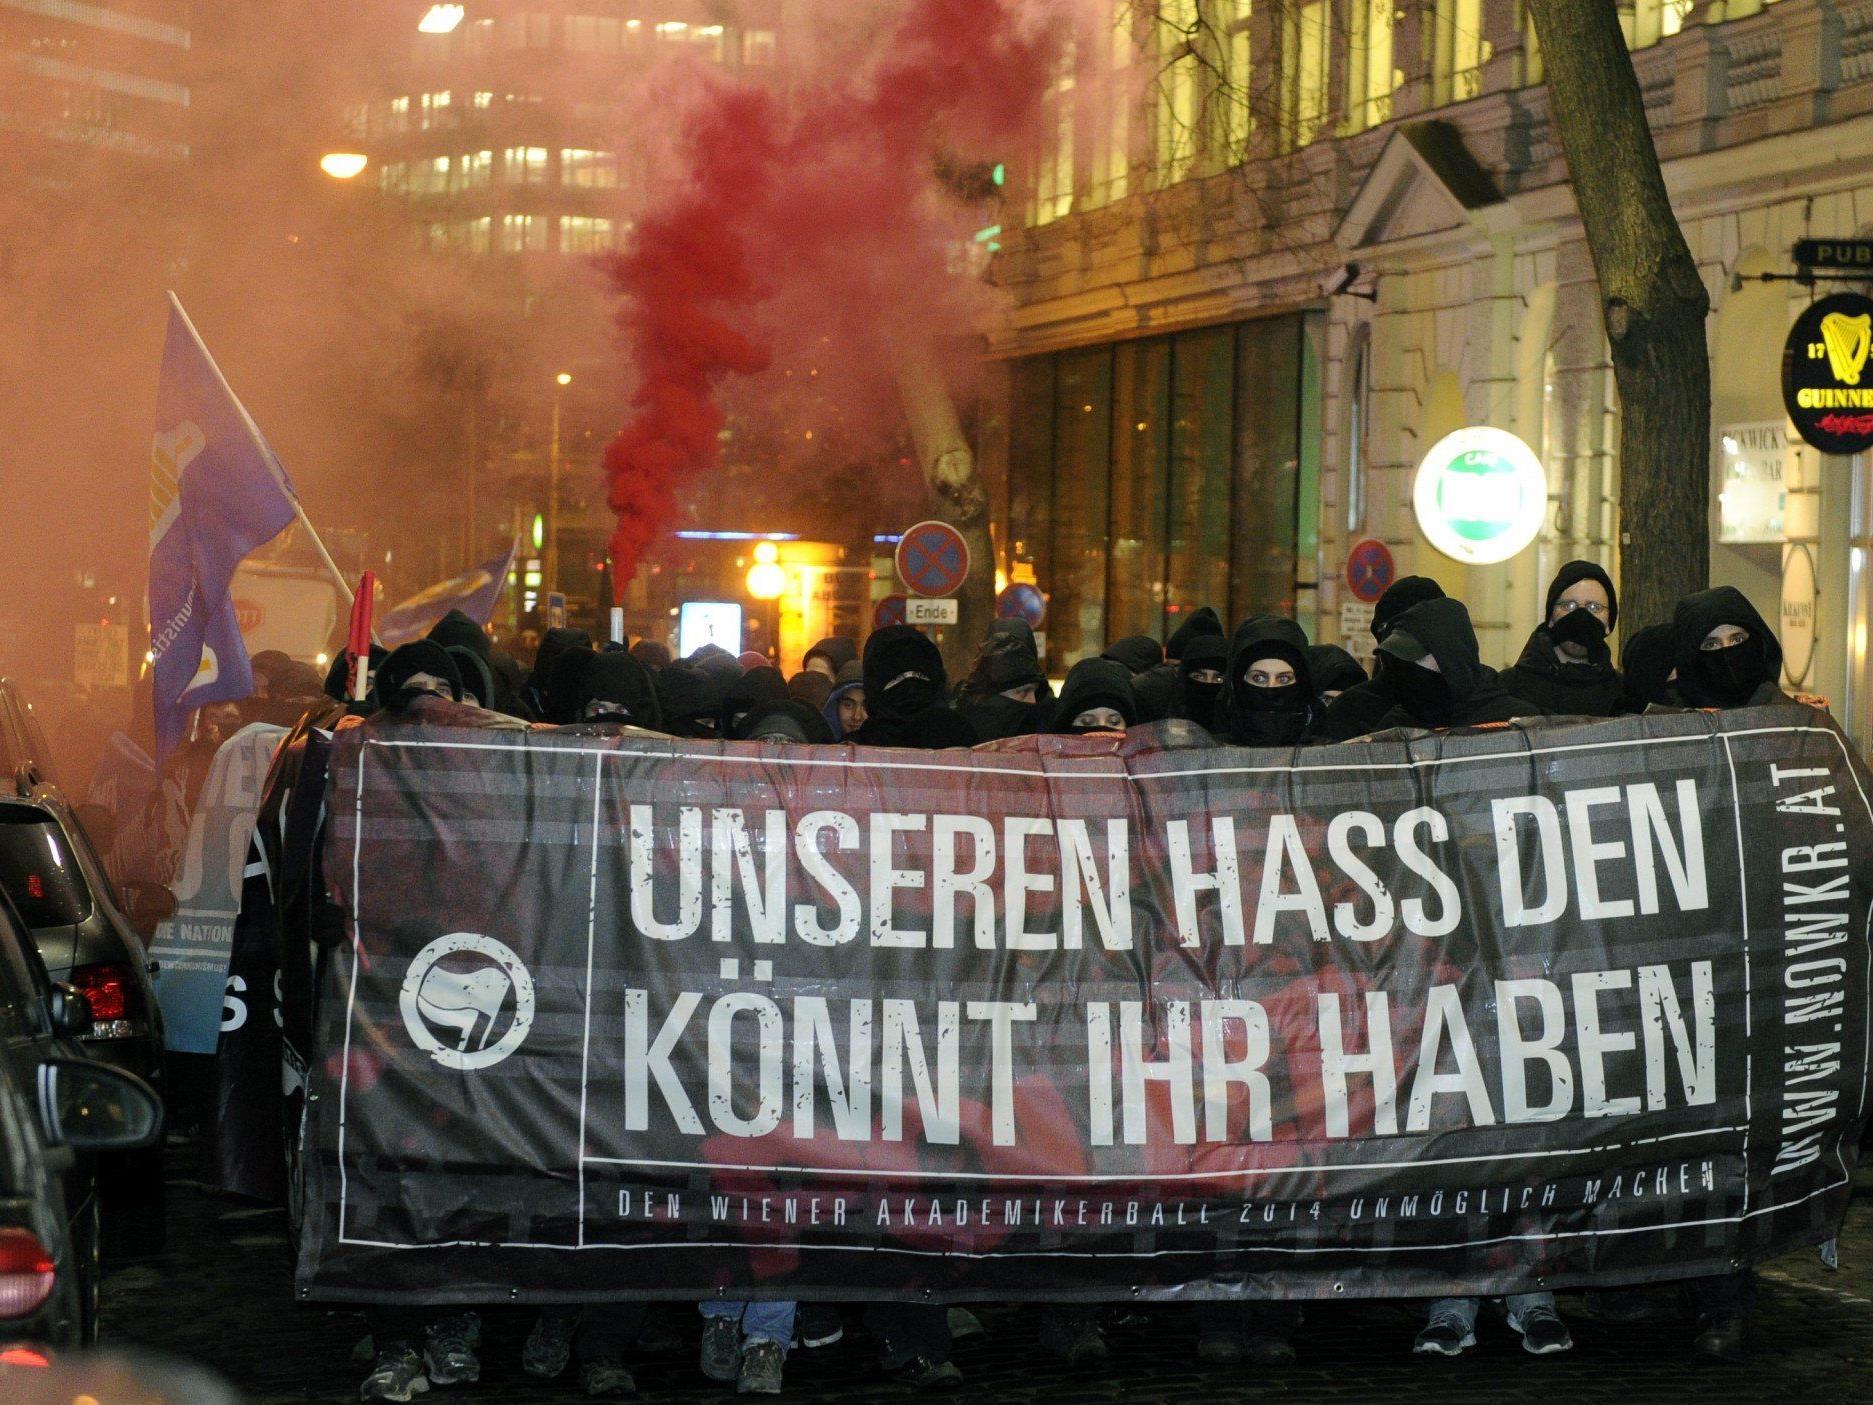 FPÖ und ÖVP kritisieren die Grünen wegen dem Spruch: Unseren Hass, den könnt ihr haben.